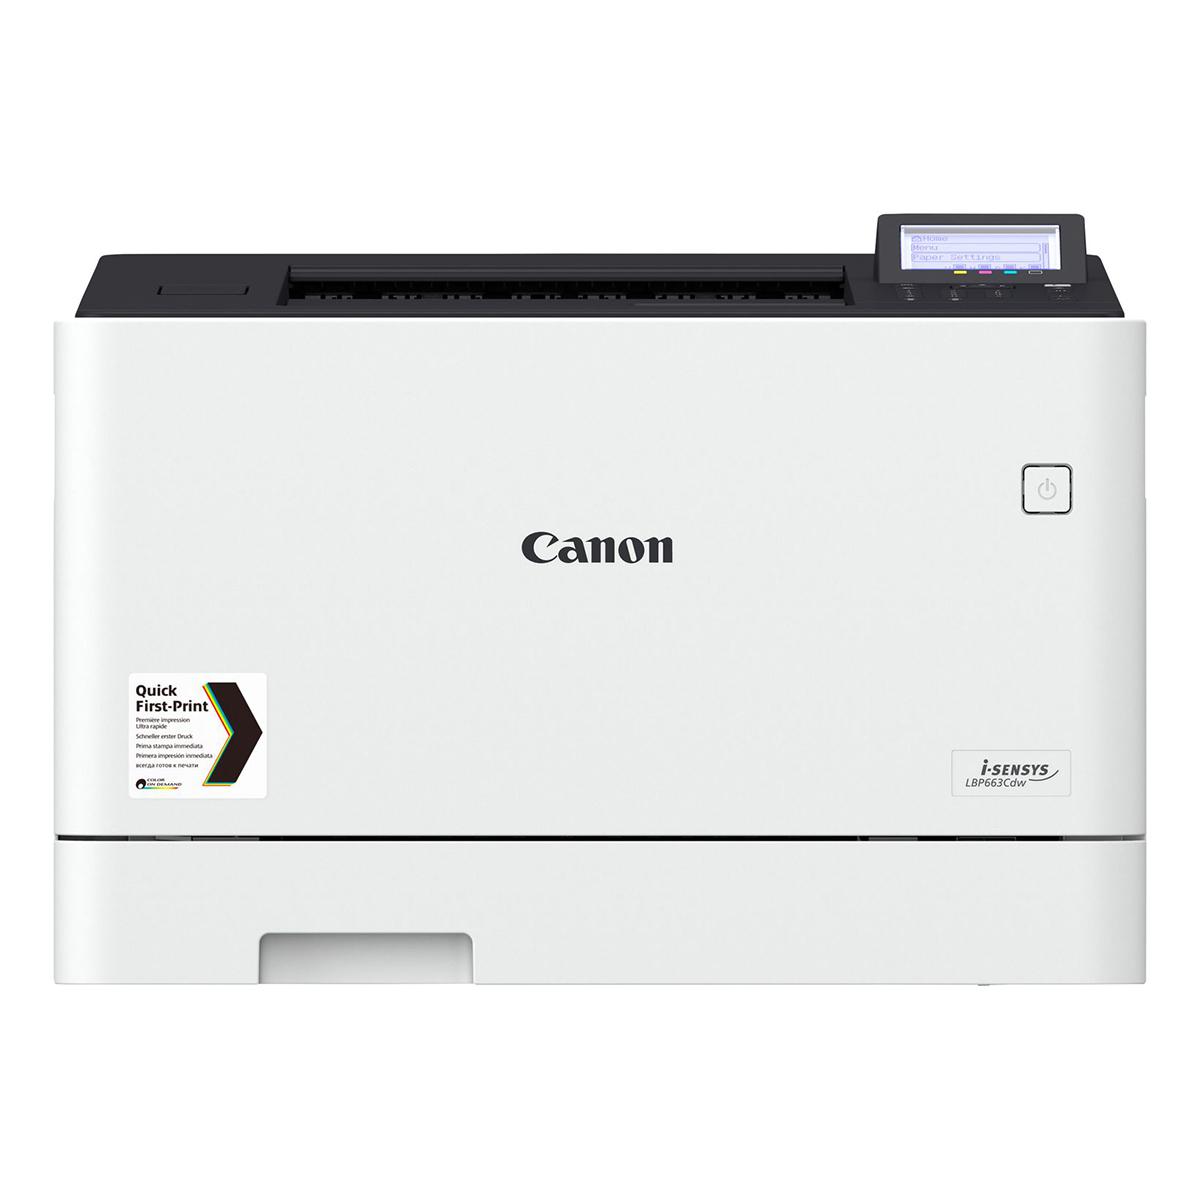 Canon i-SENSYS LBP663CDW Colour A4 Laser Printer